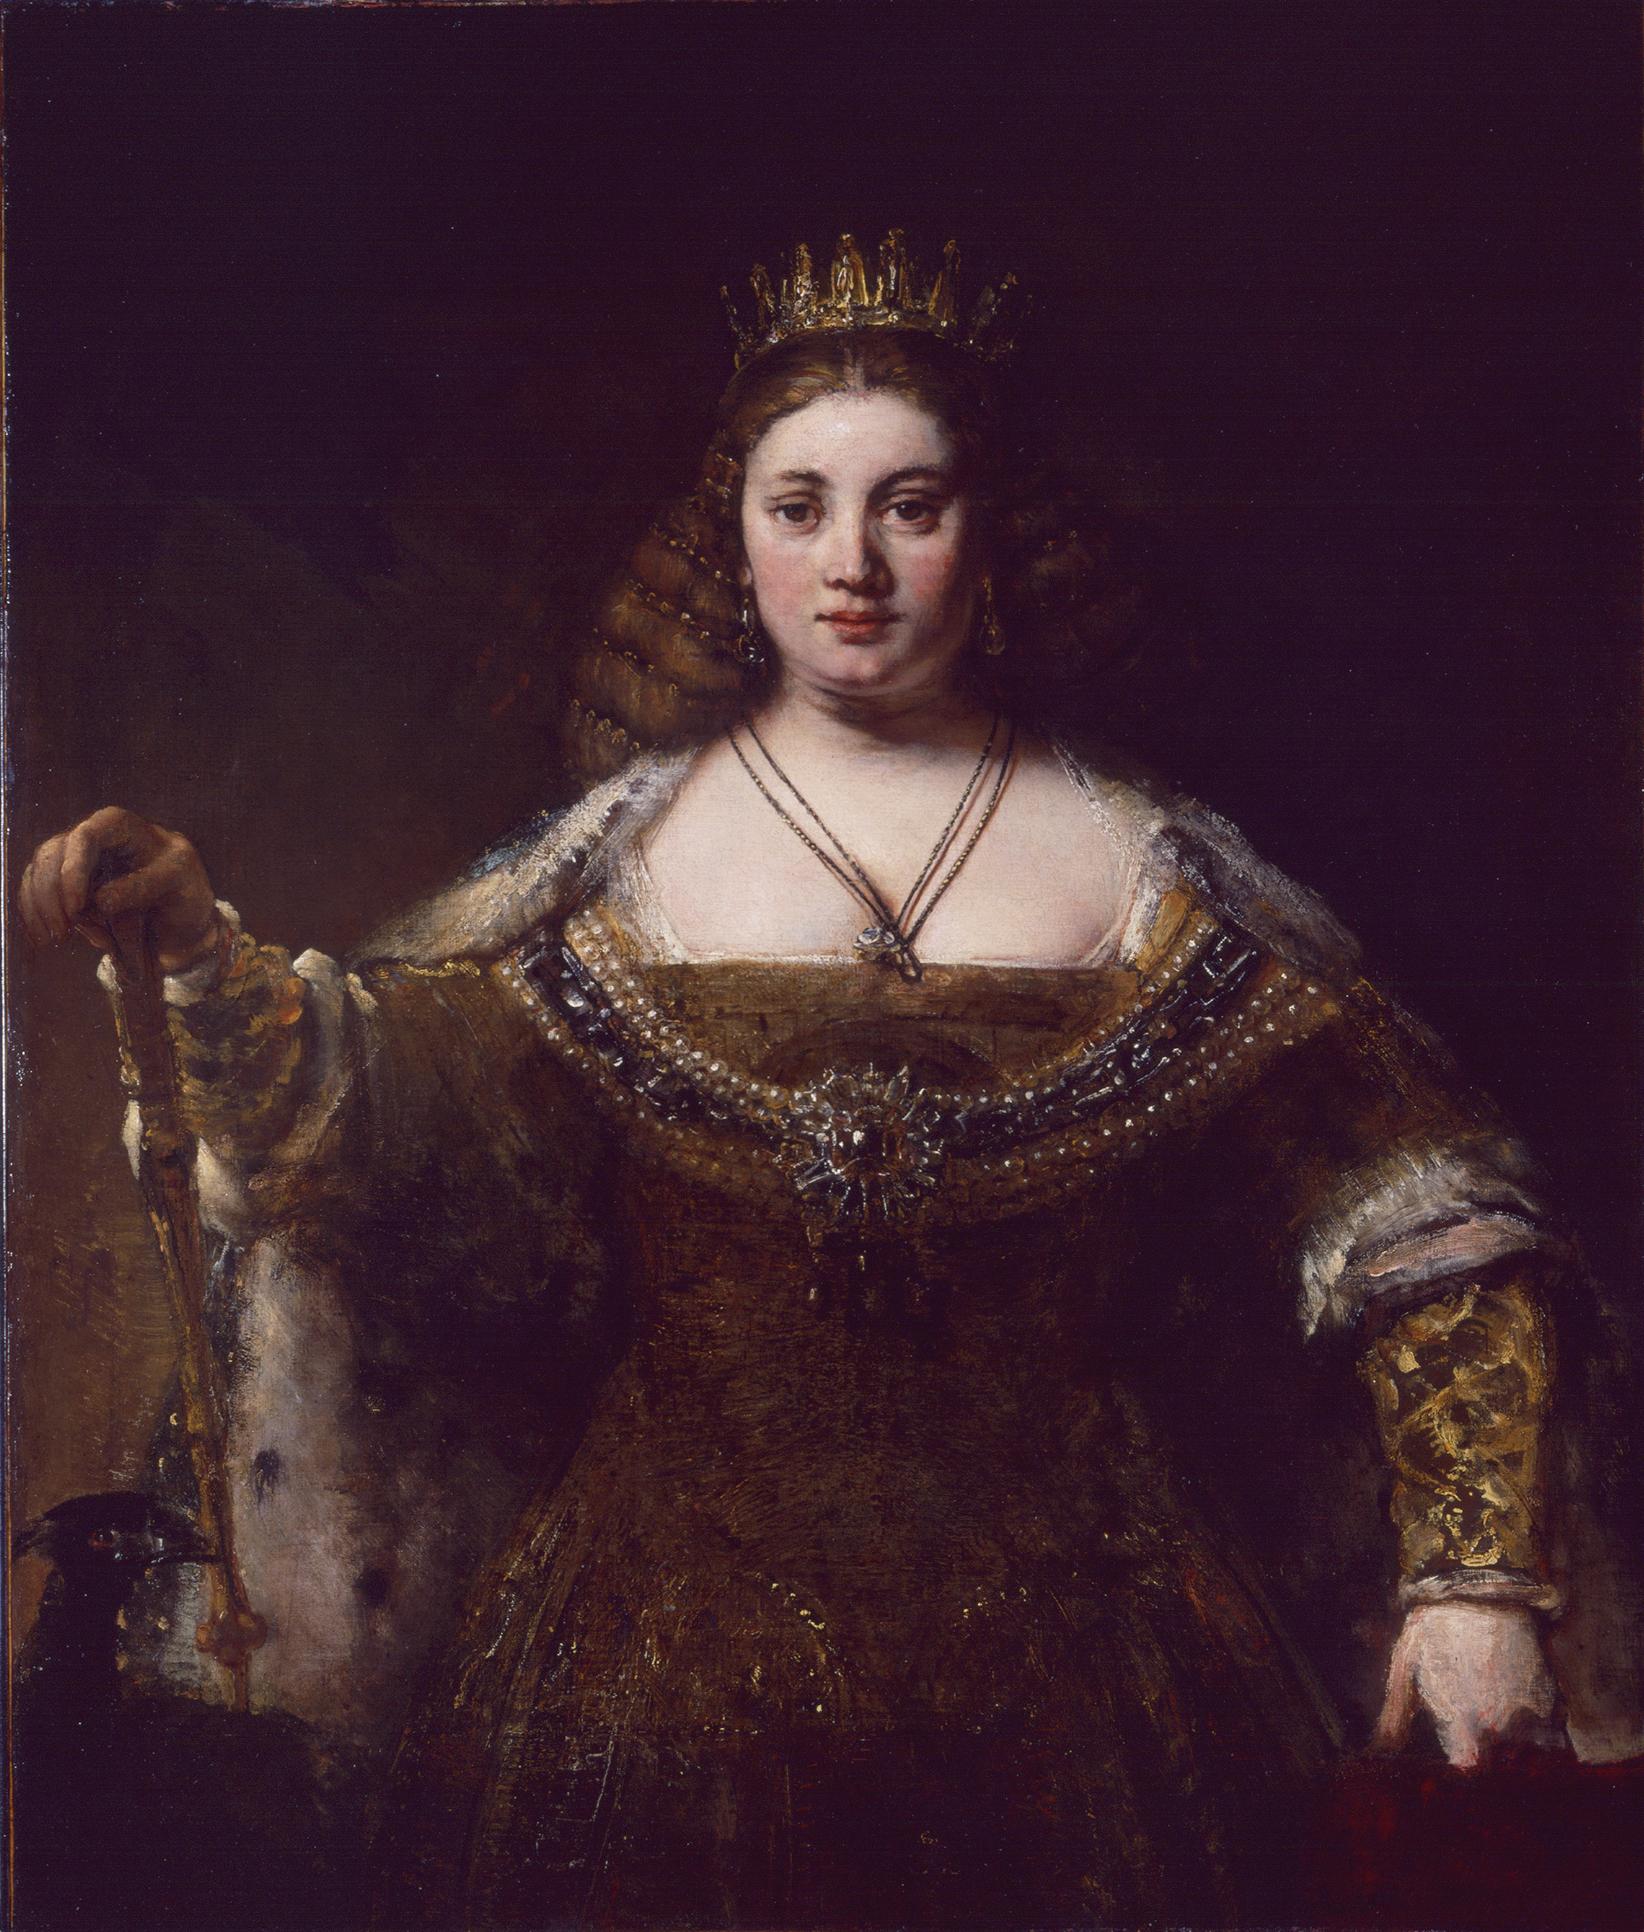 Rembrandt van Rijn                Paintings   Essay   Heilbrunn